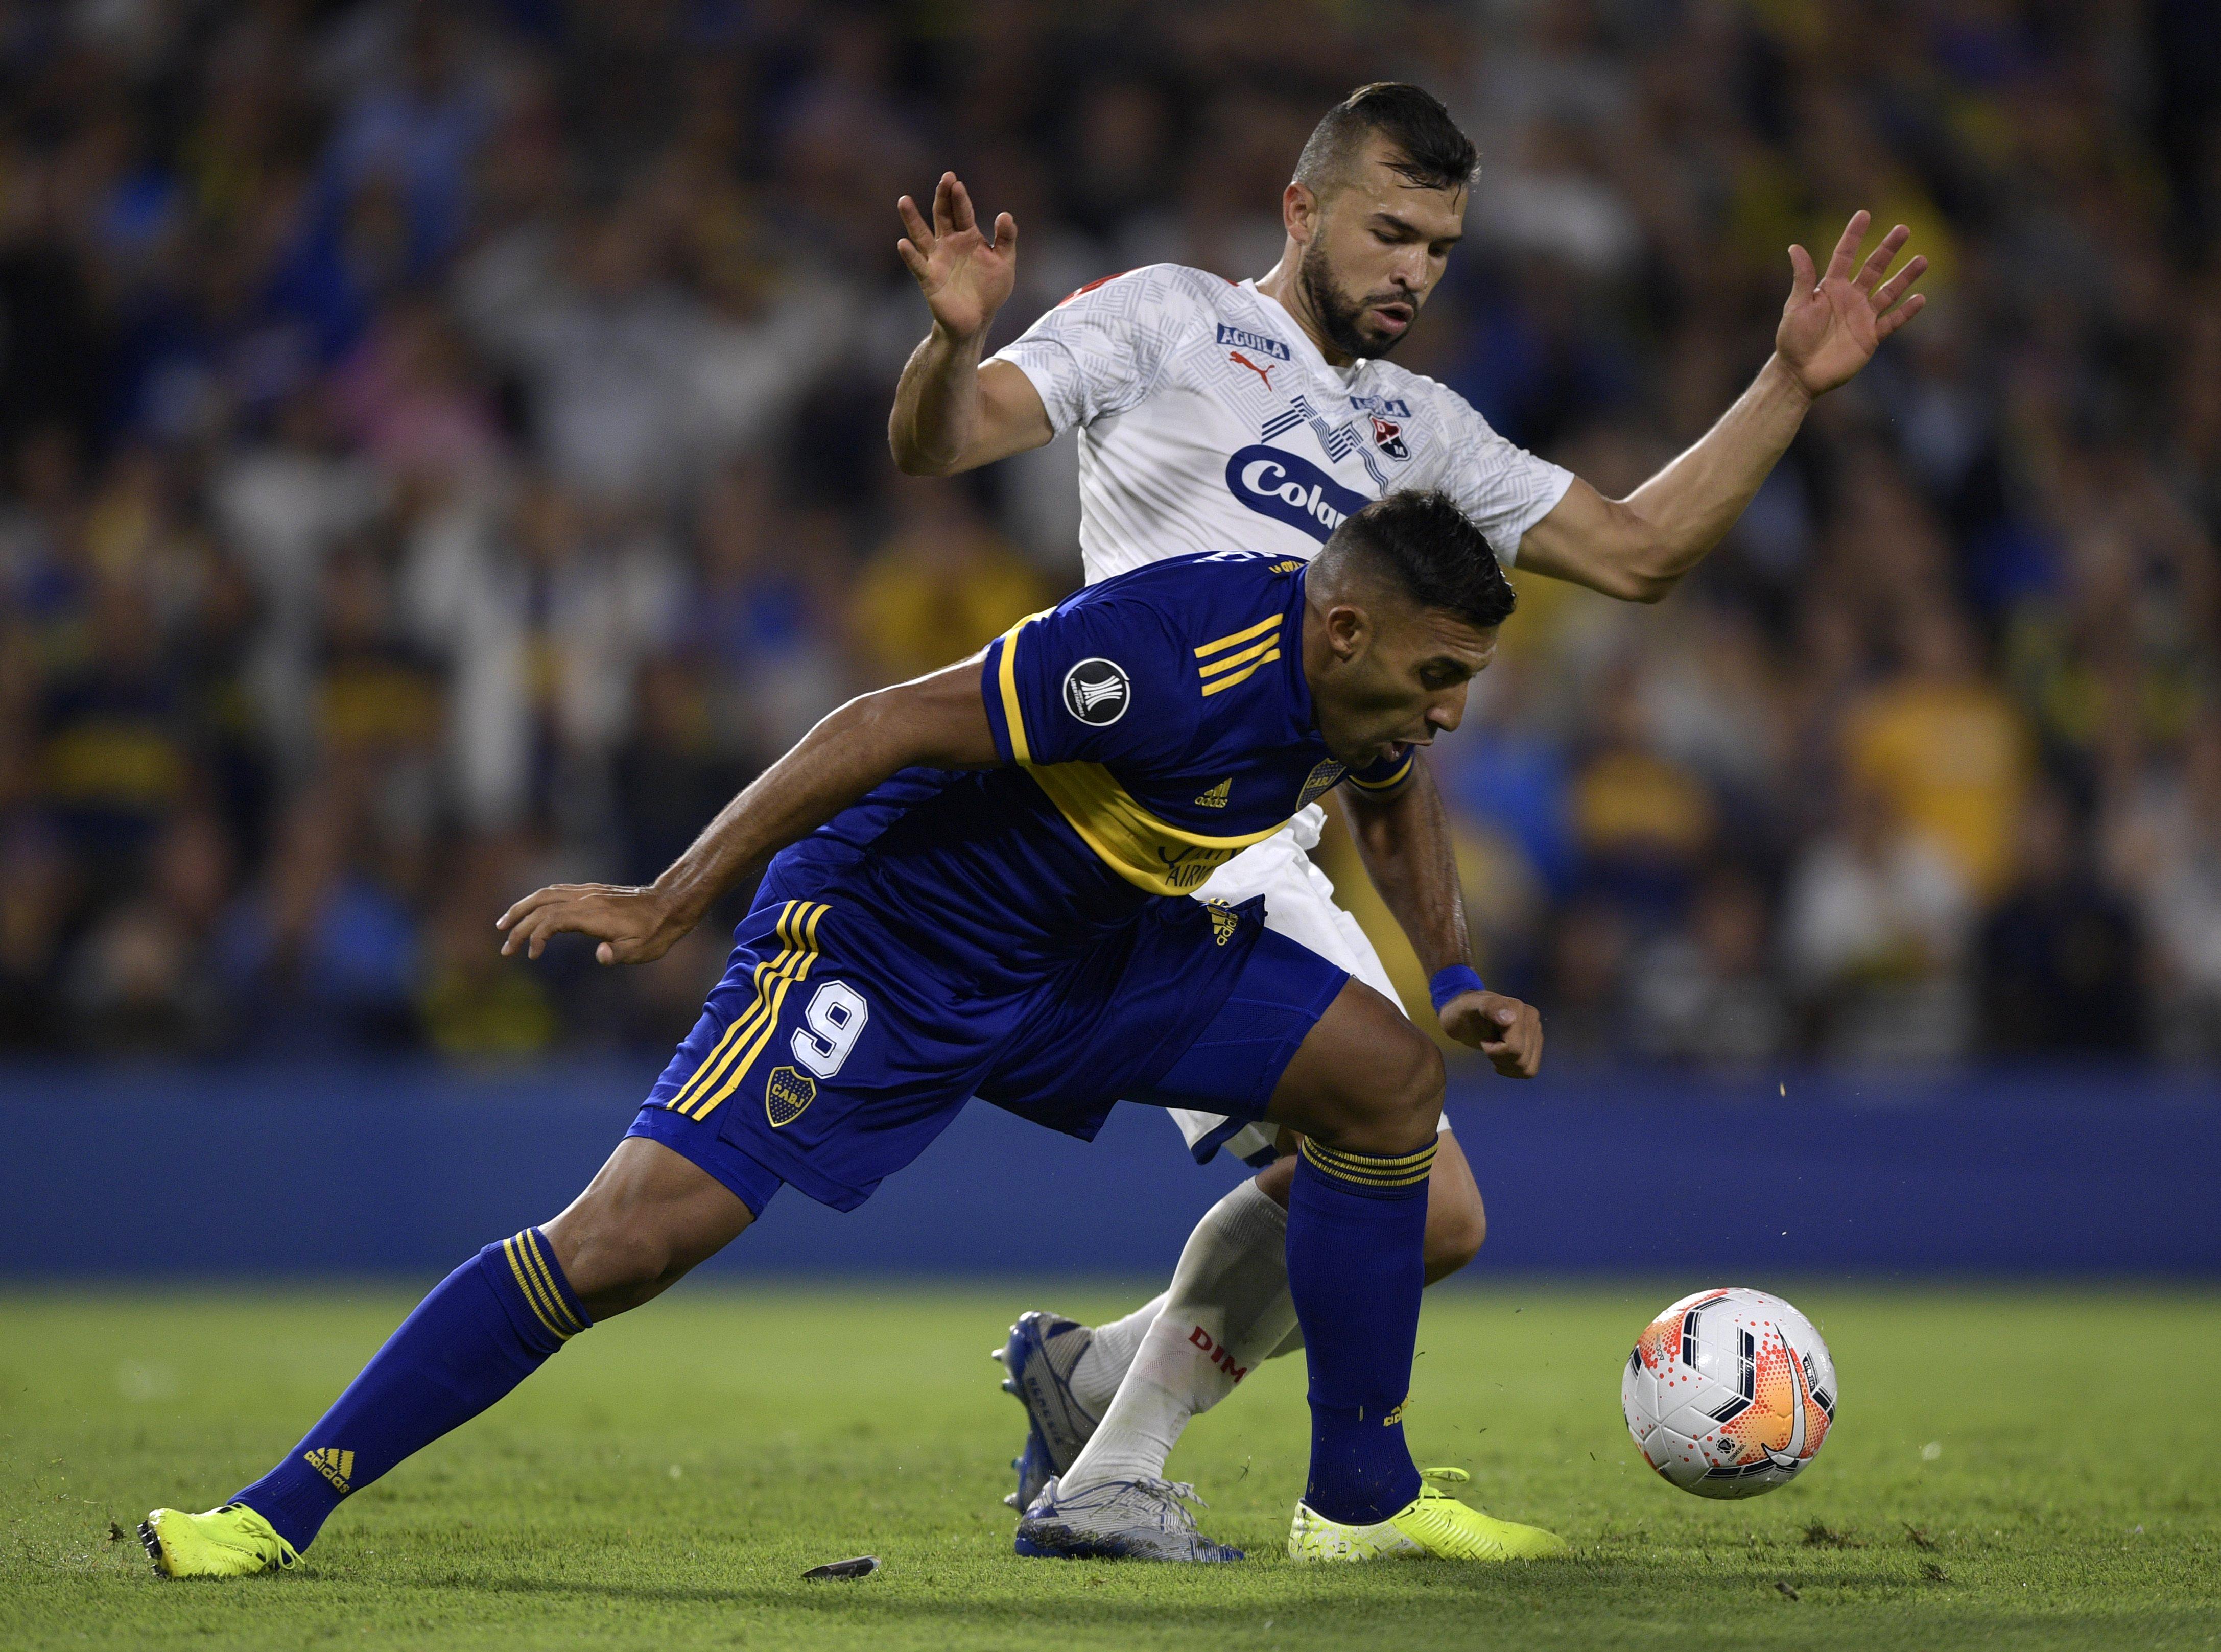 DIM - Boca Juniors